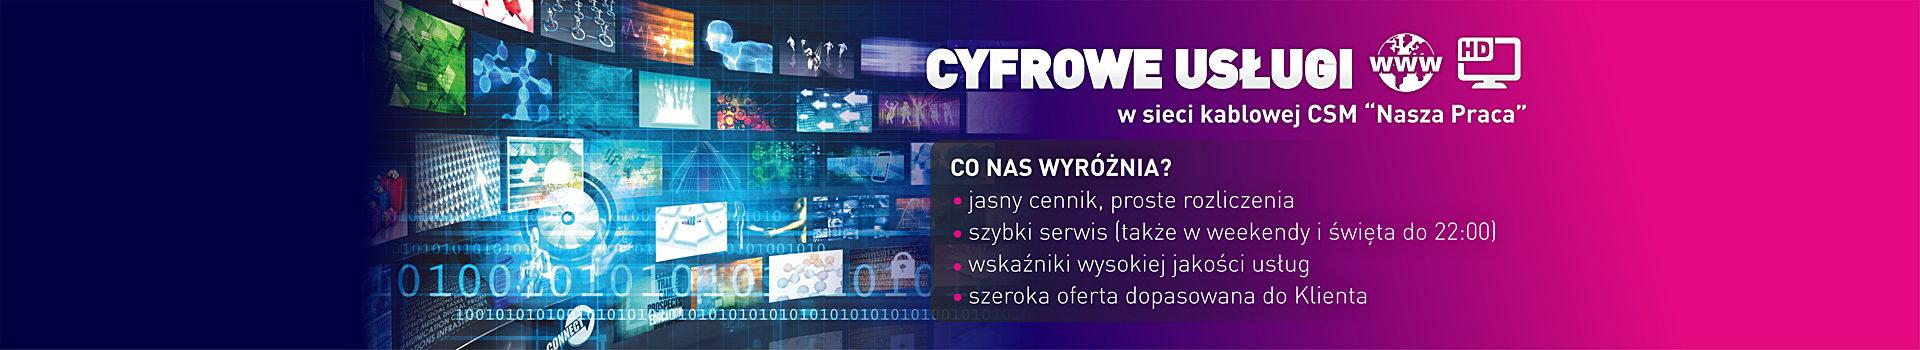 Telewizja cyfrowa Częstochowa Tysiąclecie